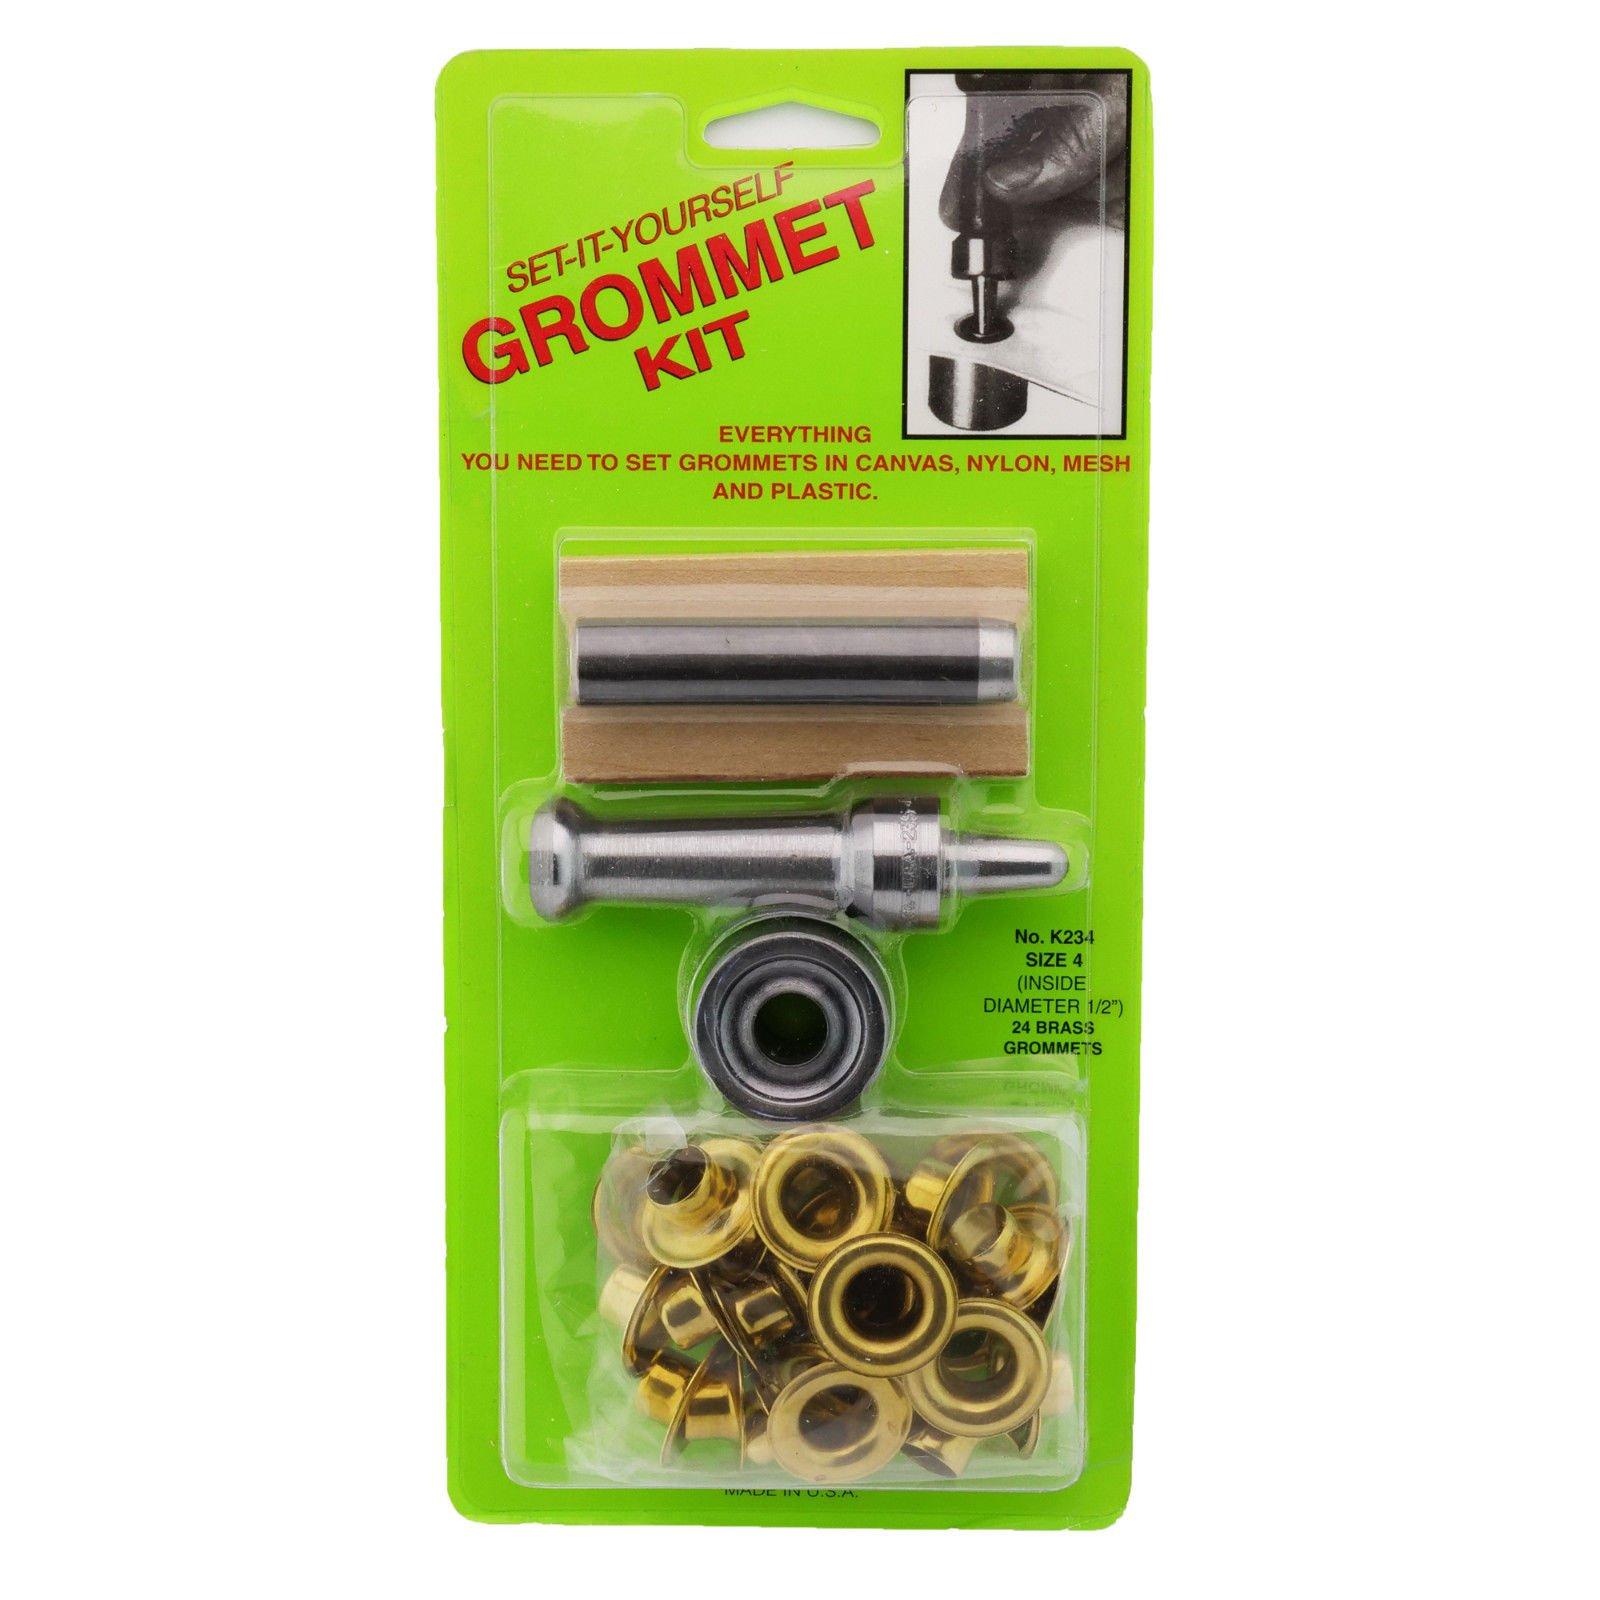 C.S. Osborne Set-It-Yourself Grommet Kit K234-4, 1/2'' Hole, W/Brass Grommets by C.S. Osborne